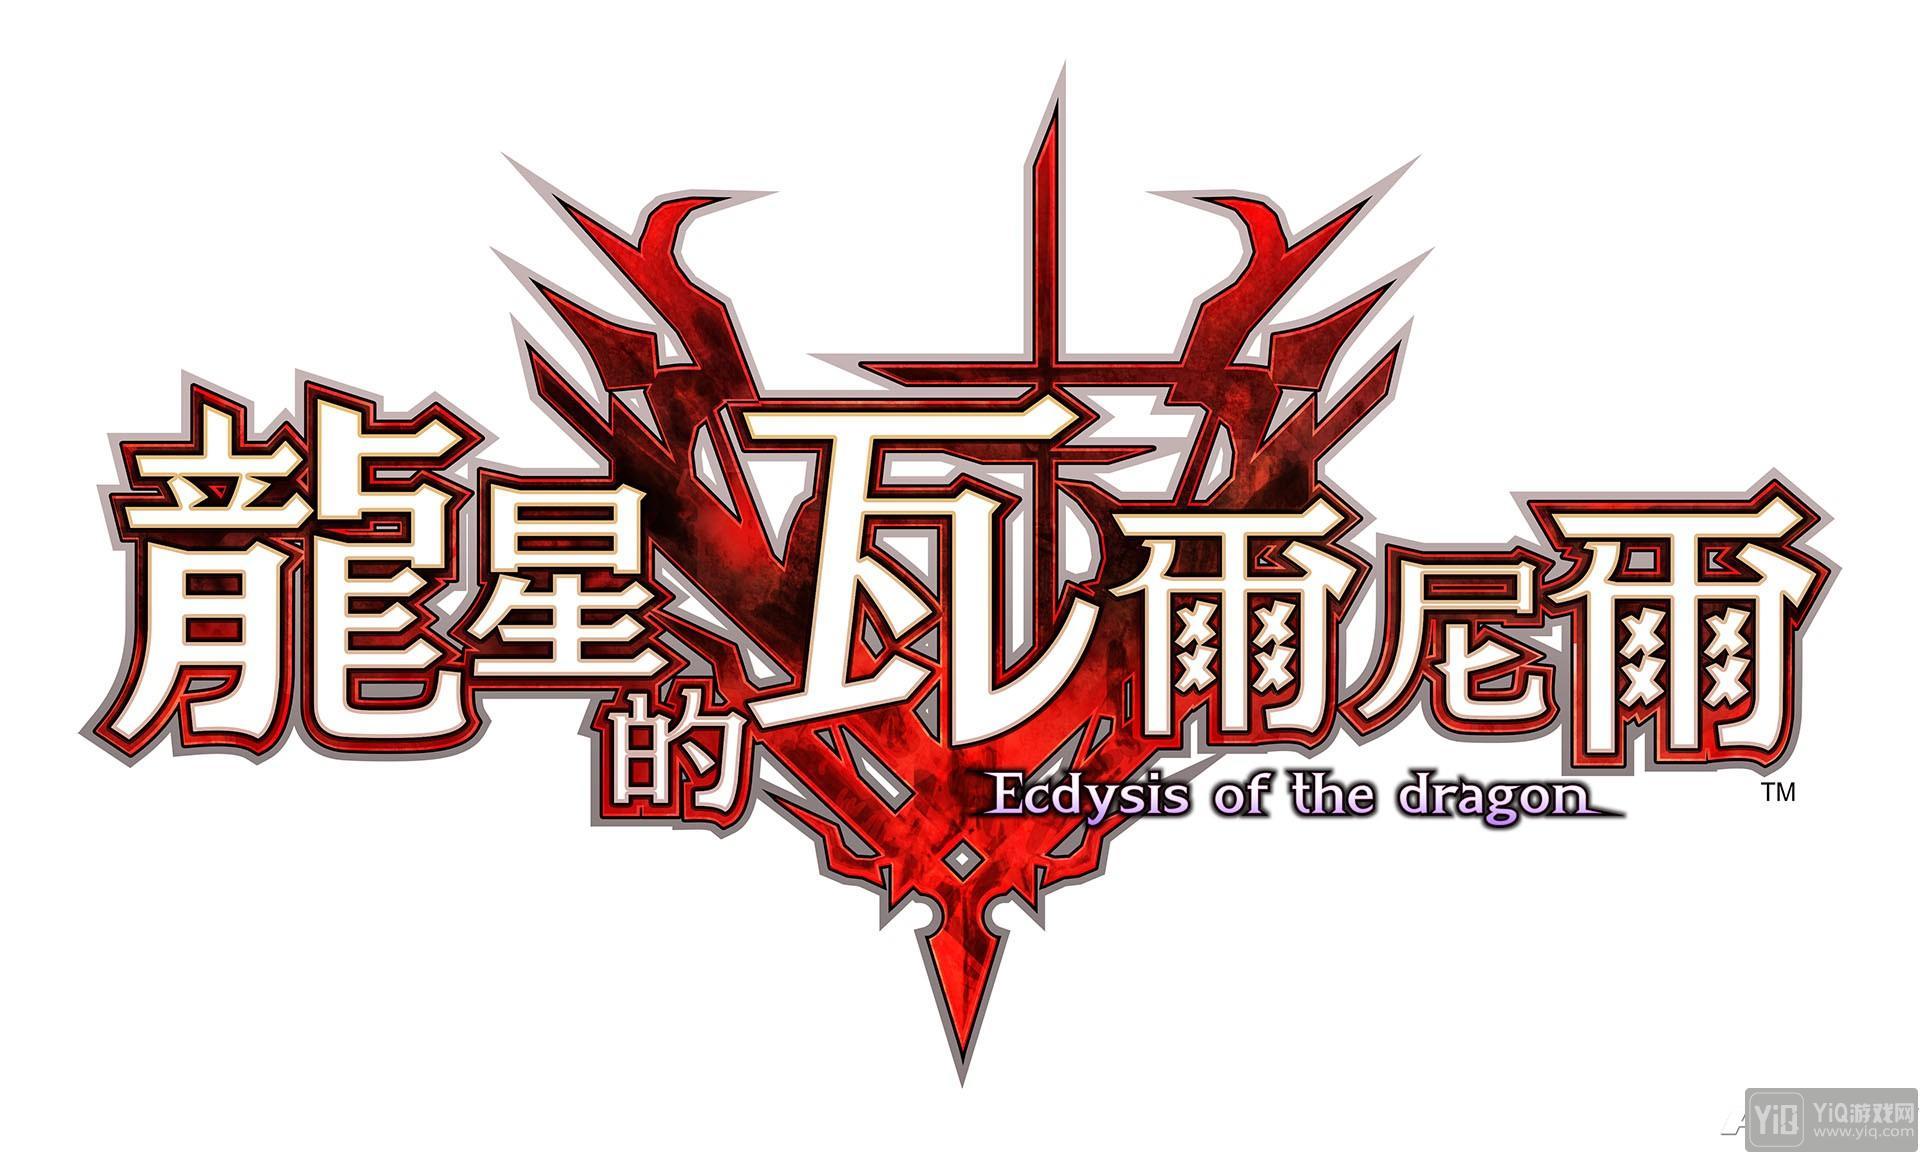 《龍星的瓦爾尼爾》中文版3月發售 預購與限定版特典公布1